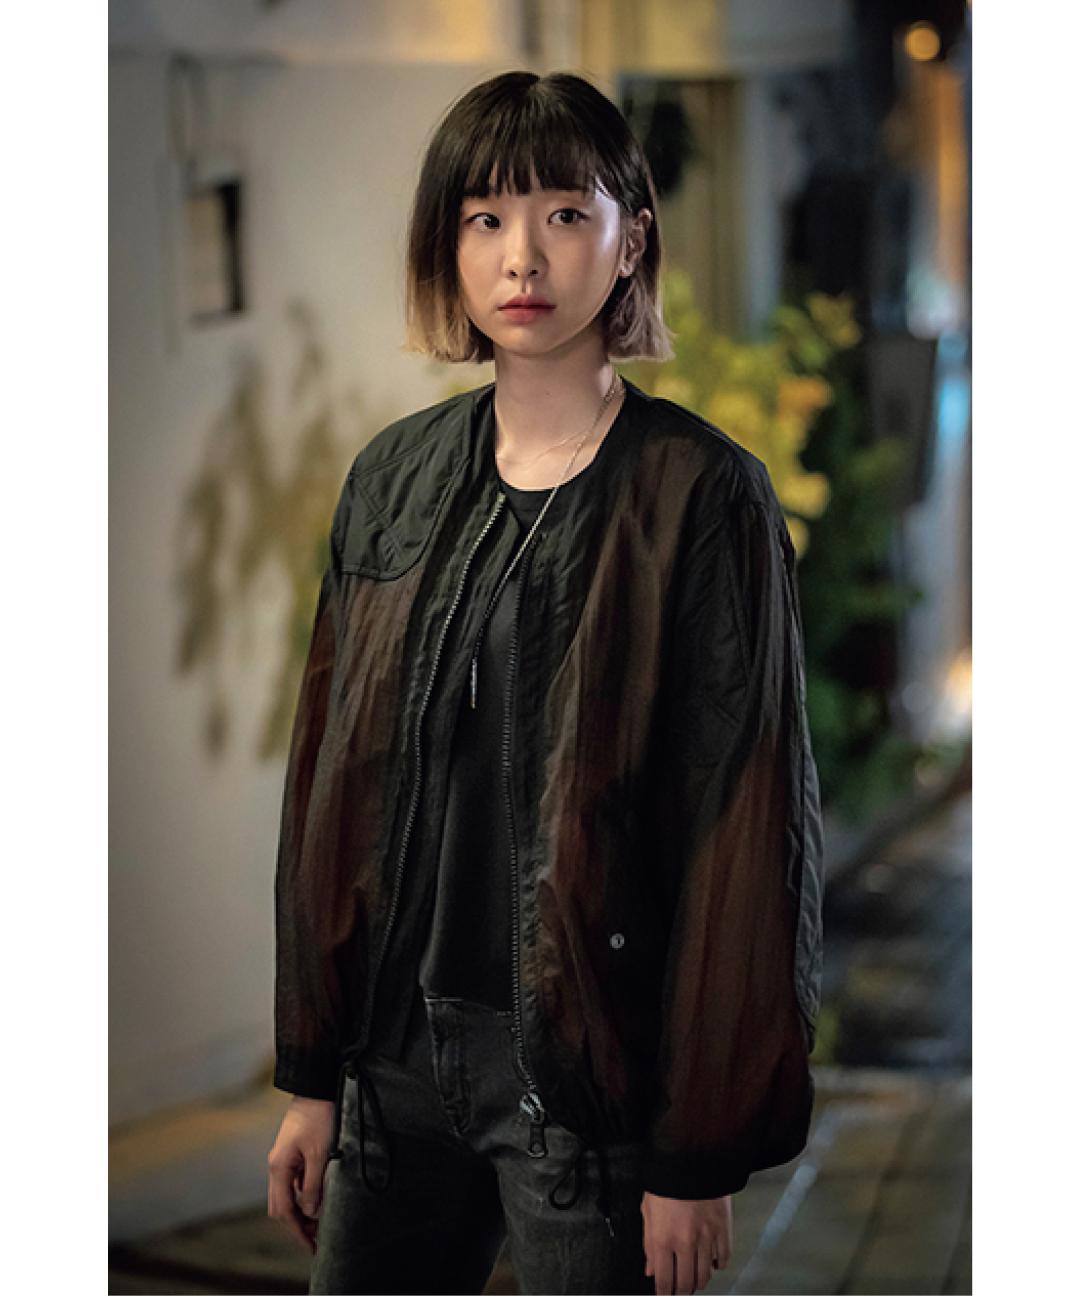 優子とふみかの「ドラマヒロインになりたい!」梨泰院クラス編_1_4